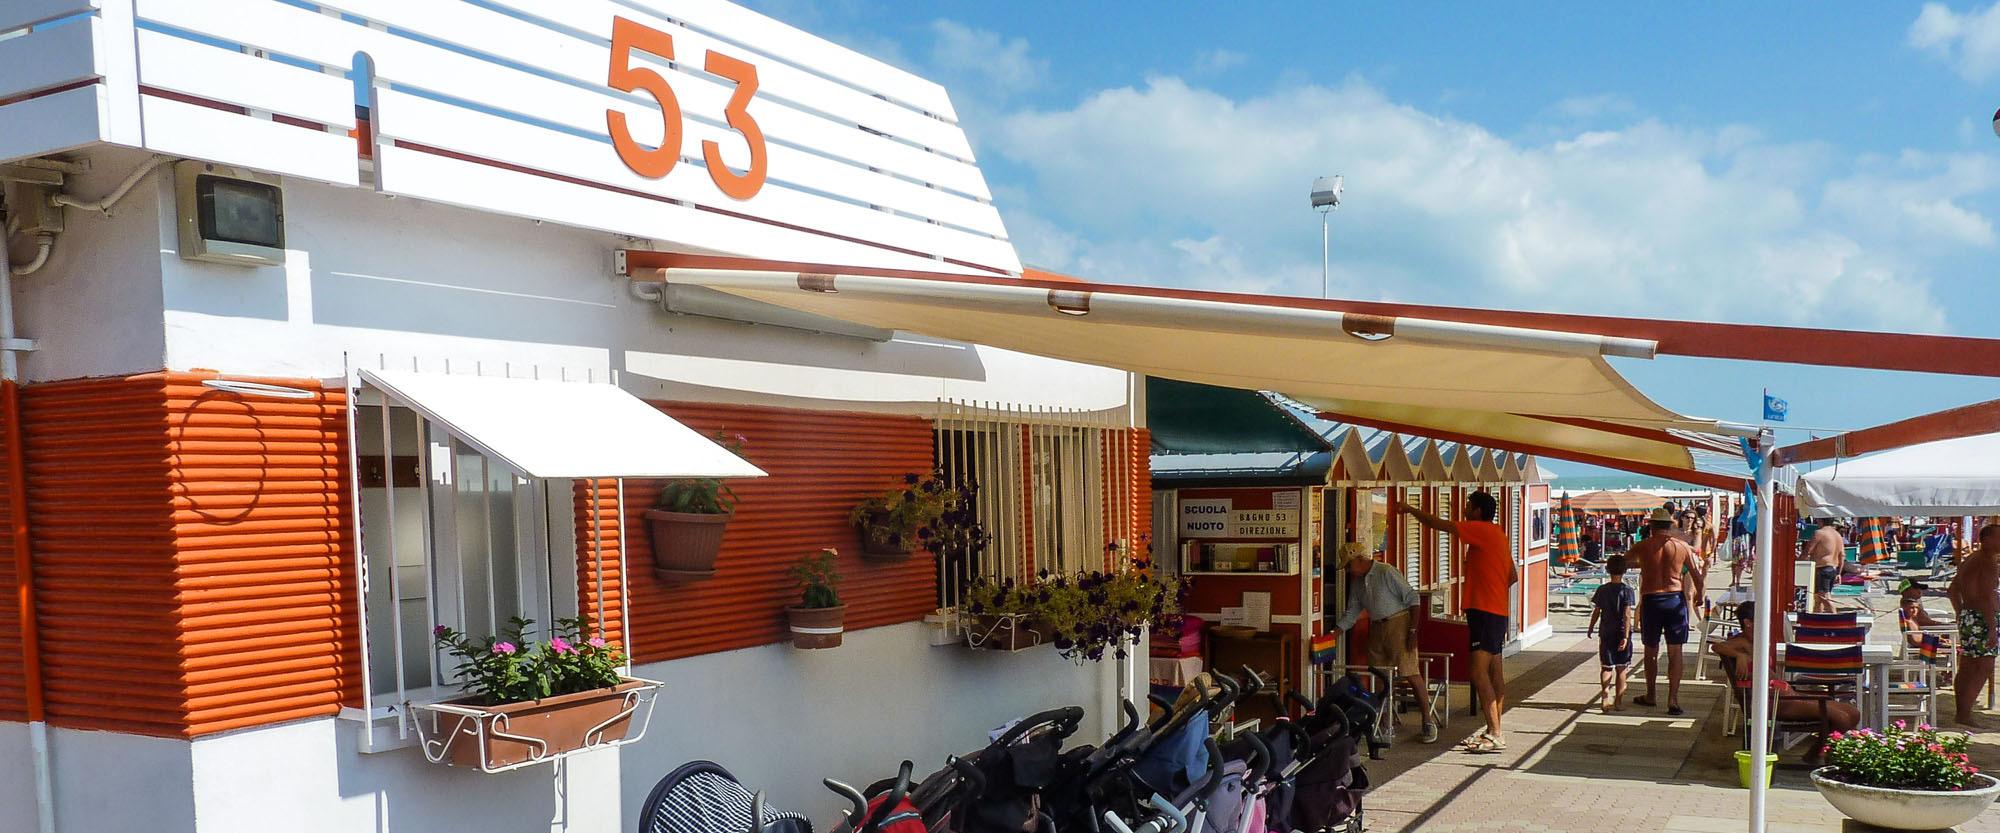 http://www.spiaggia53.it/wp-content/uploads/2017/02/slider-ingresso.jpg